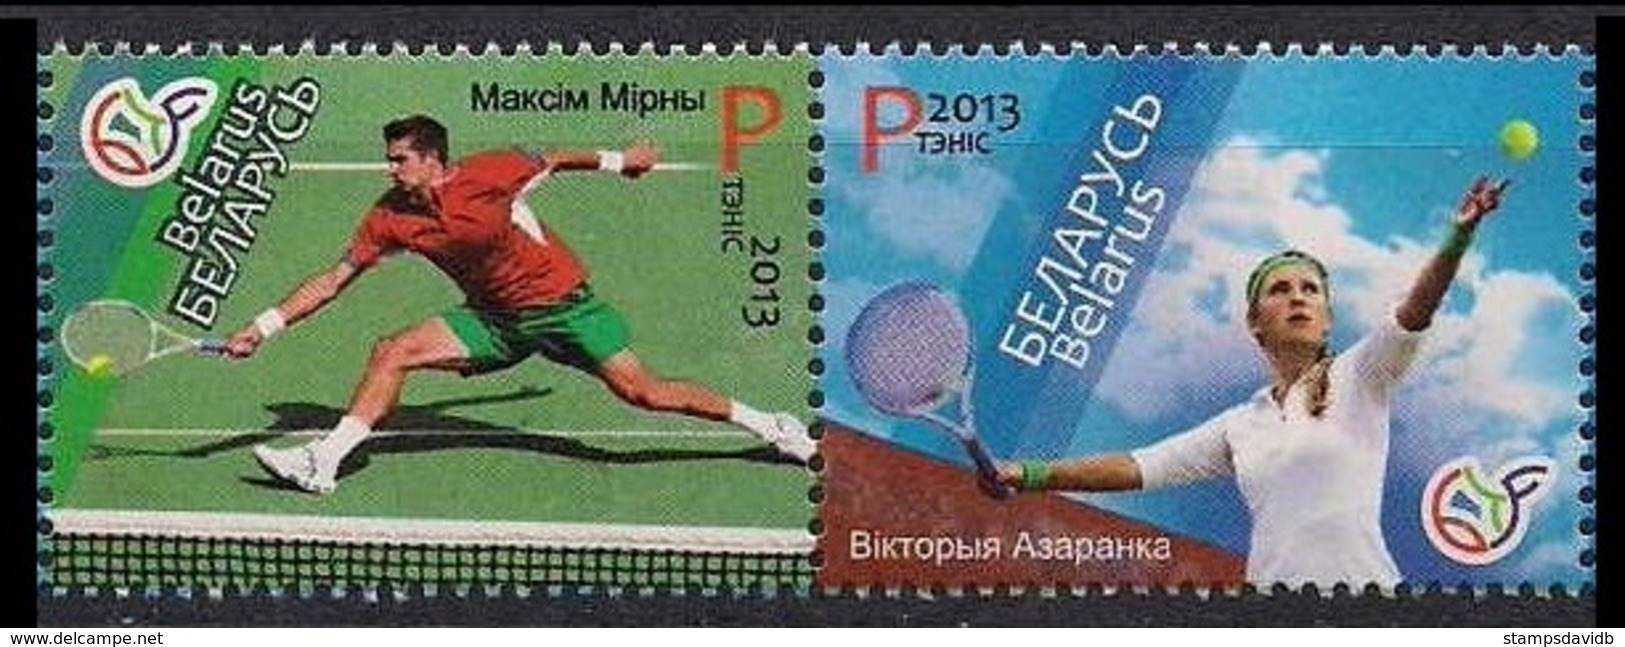 2013Belarus967-968Leaders Of Belarus Tennis5,40 € - Tennis